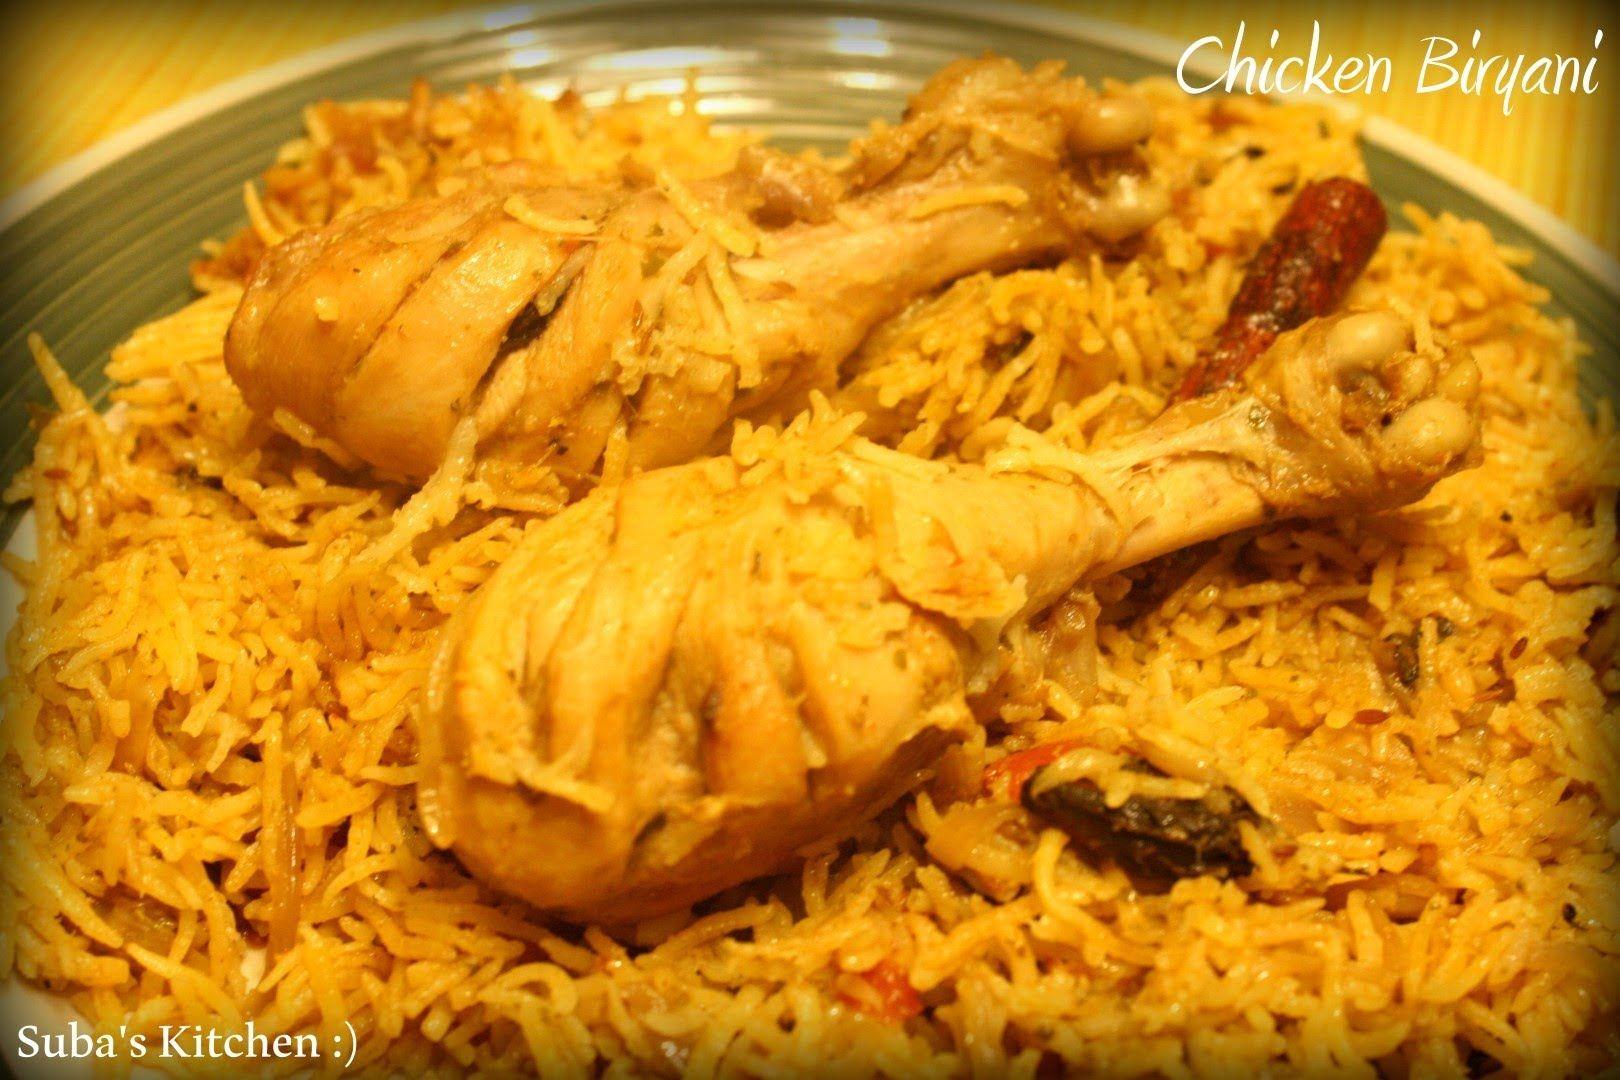 Chicken biryani tamil another way chicken biryani tamil another way forumfinder Gallery